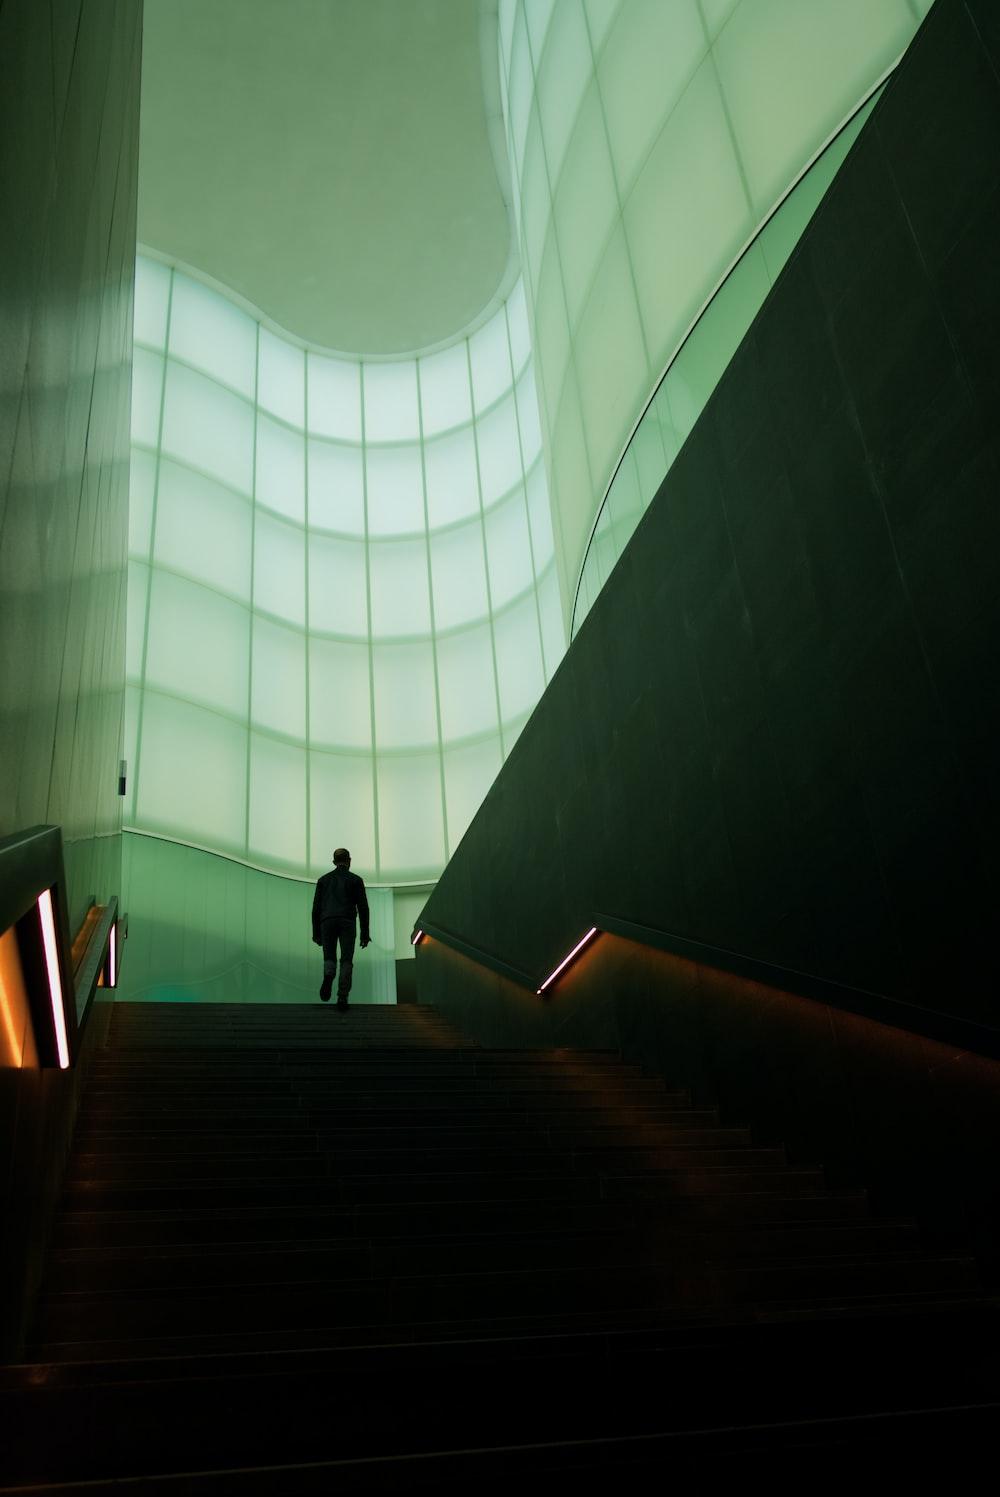 man walking up on stairs